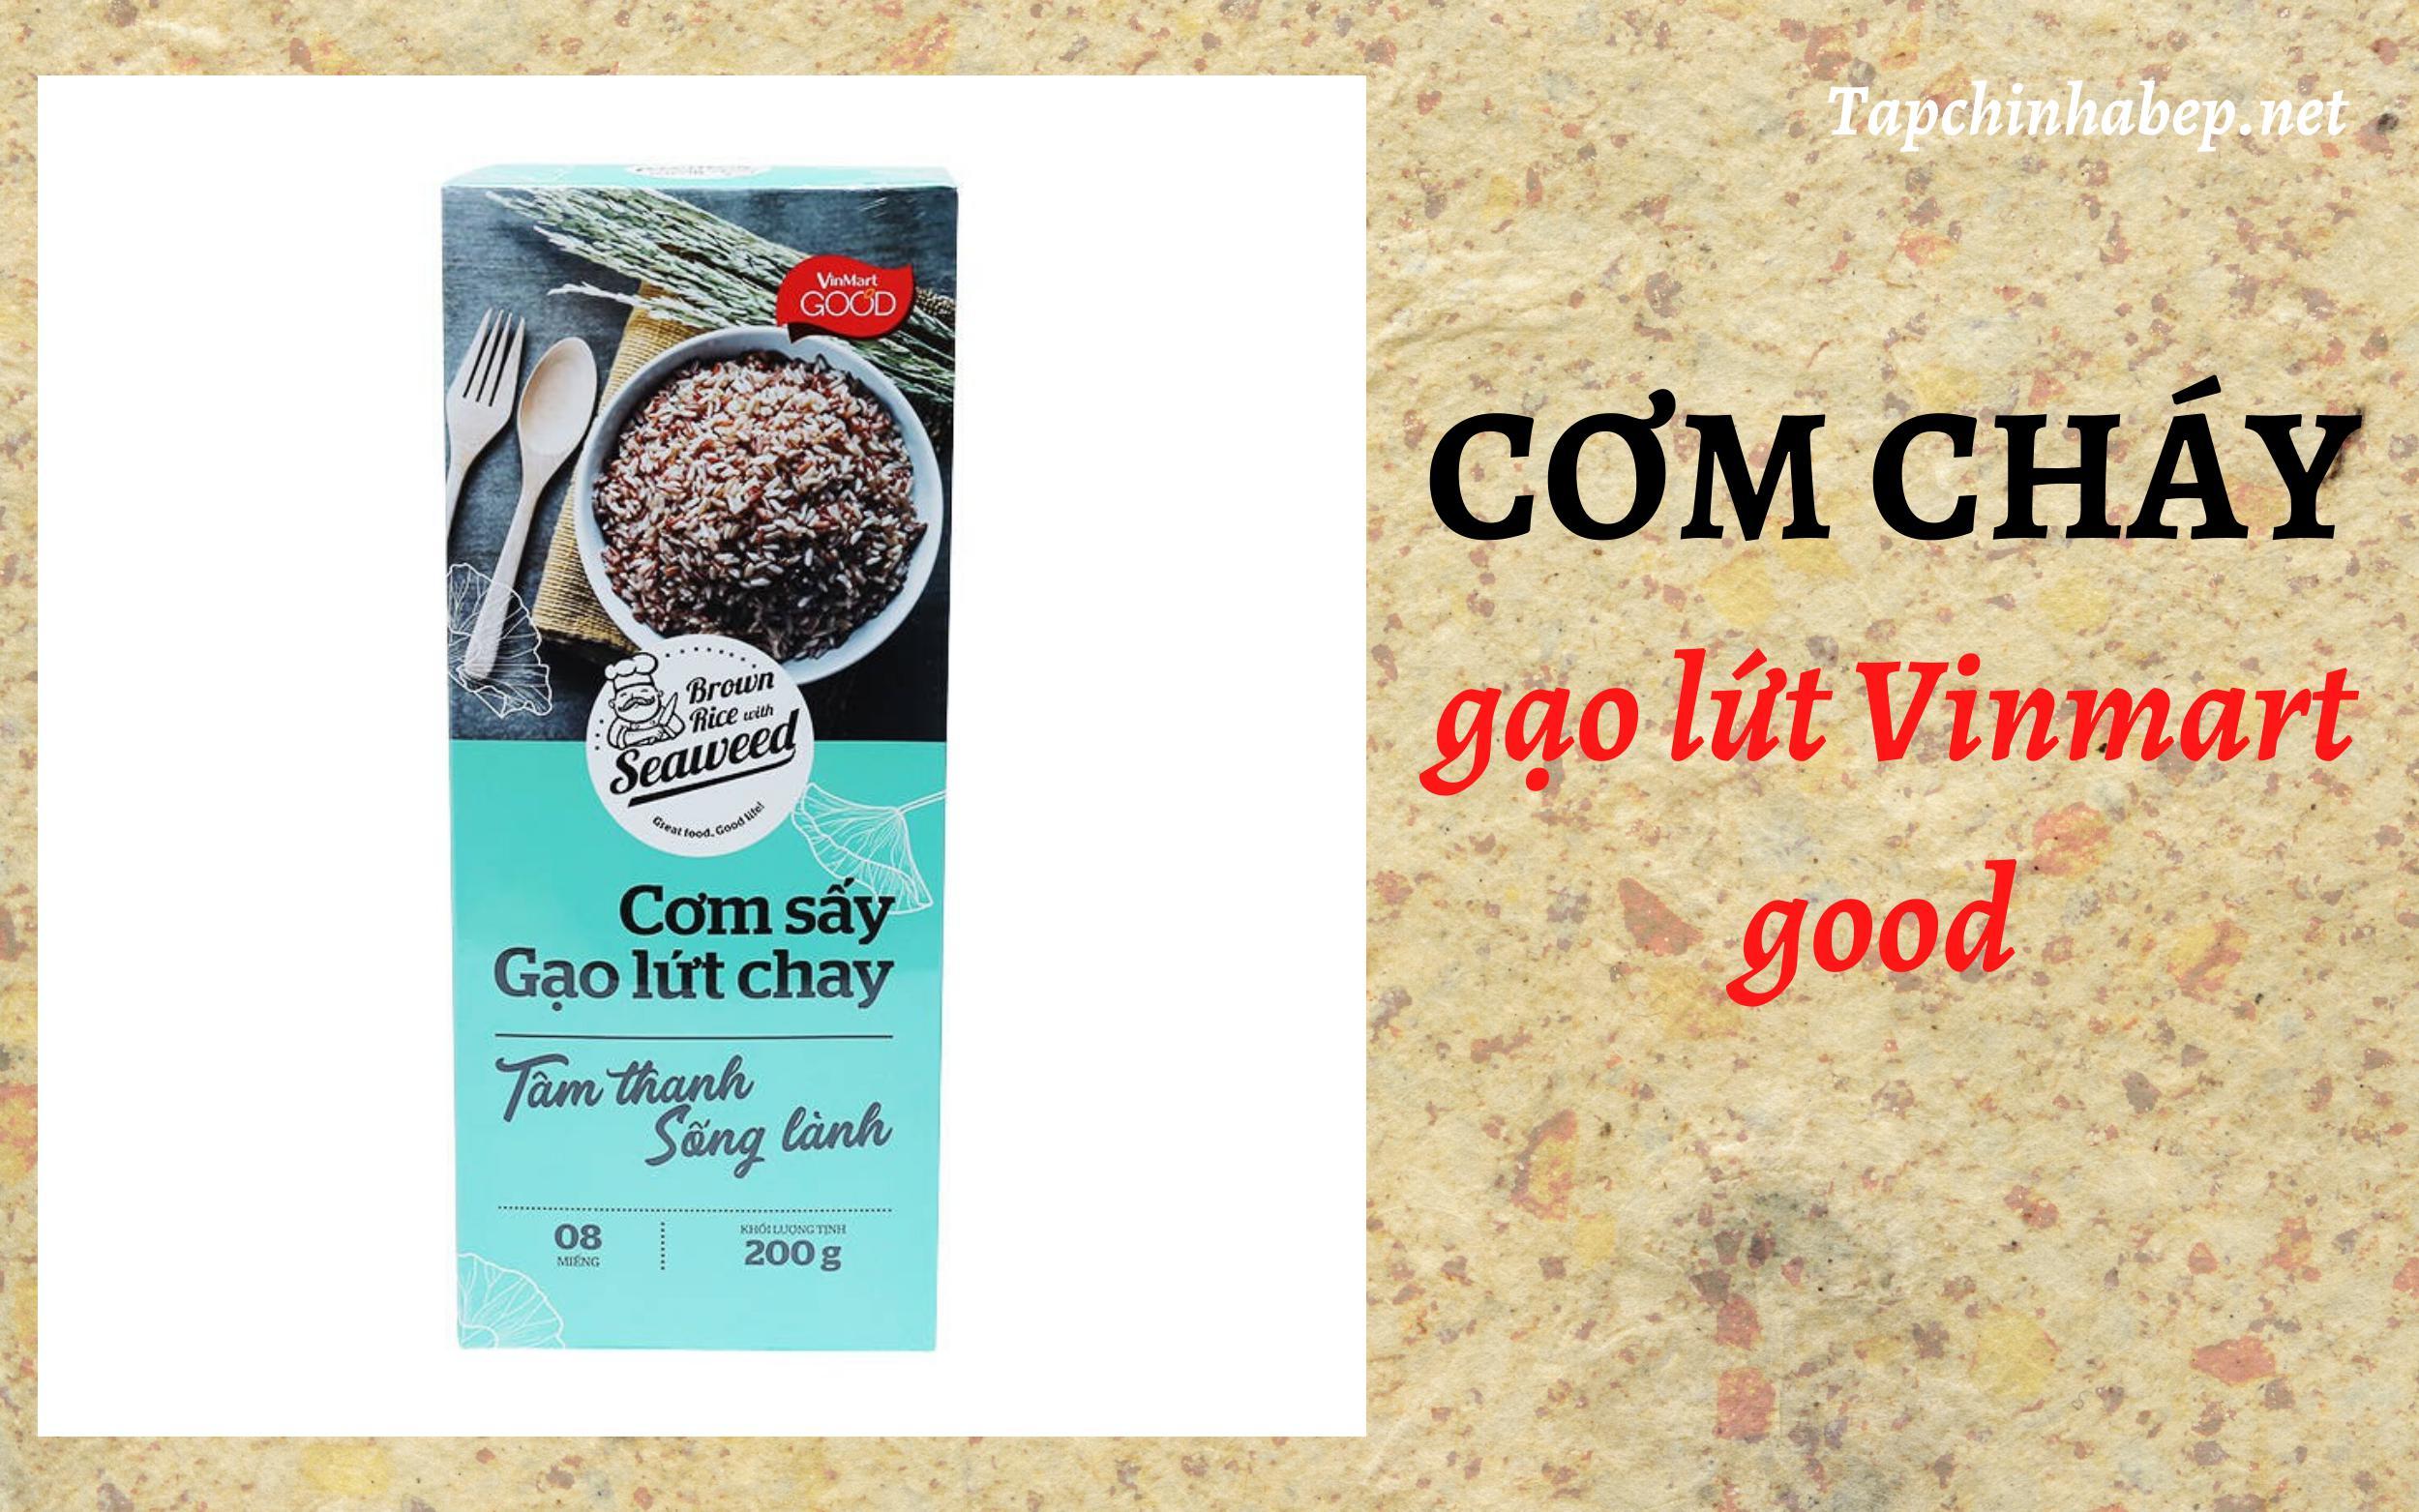 cơm cháy gạo lứt Vinmart good